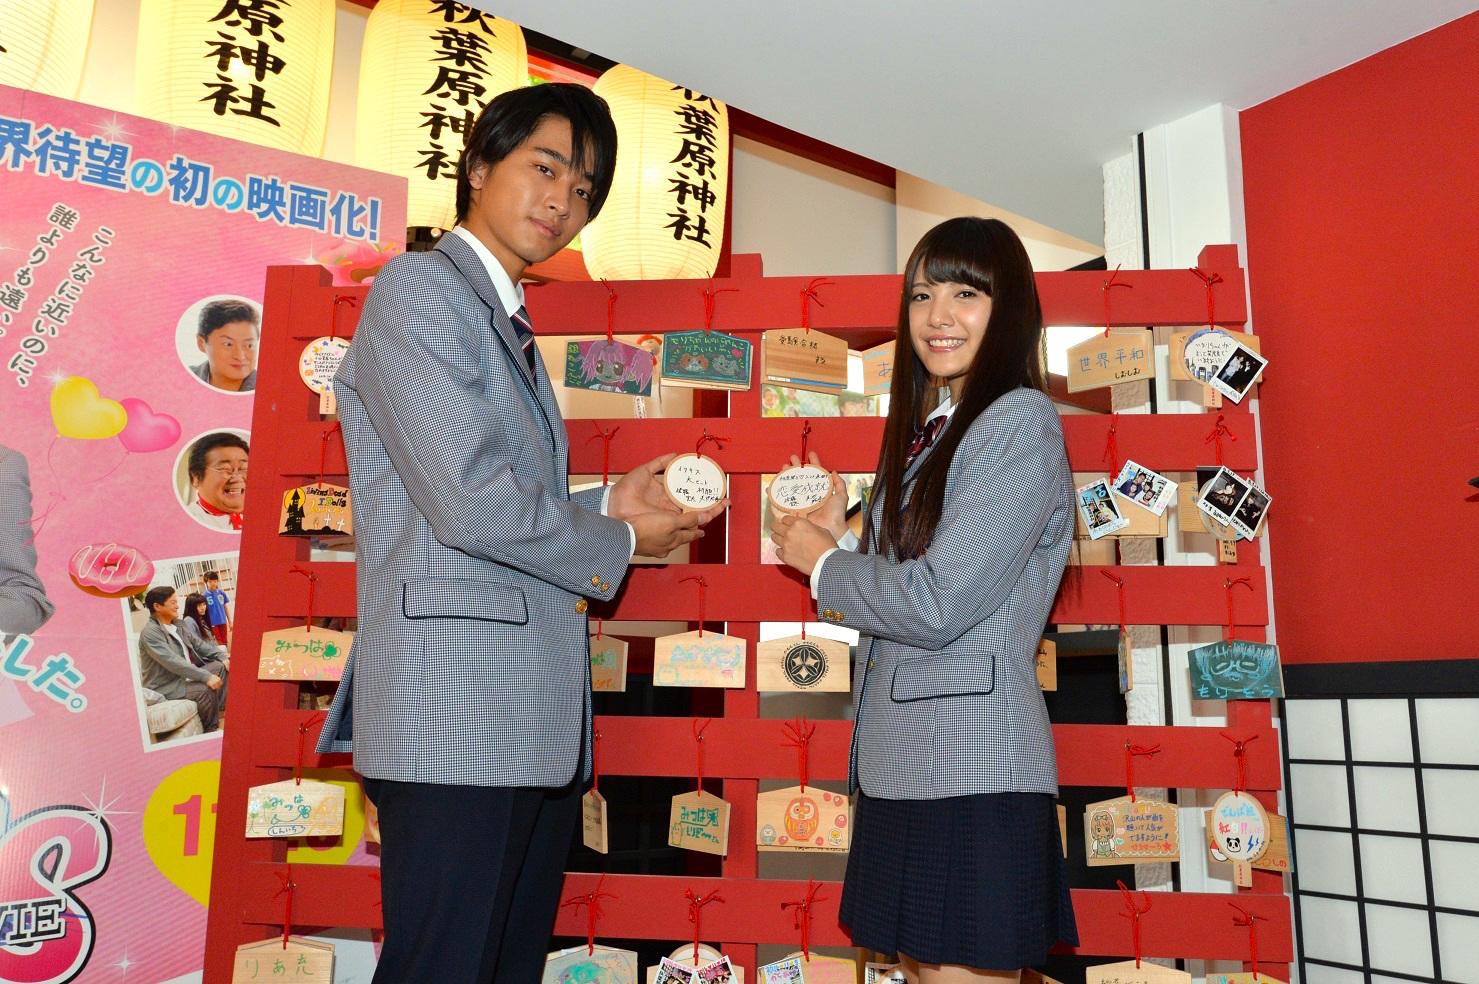 左から、佐藤寛太(劇団EXILE)、美沙玲奈